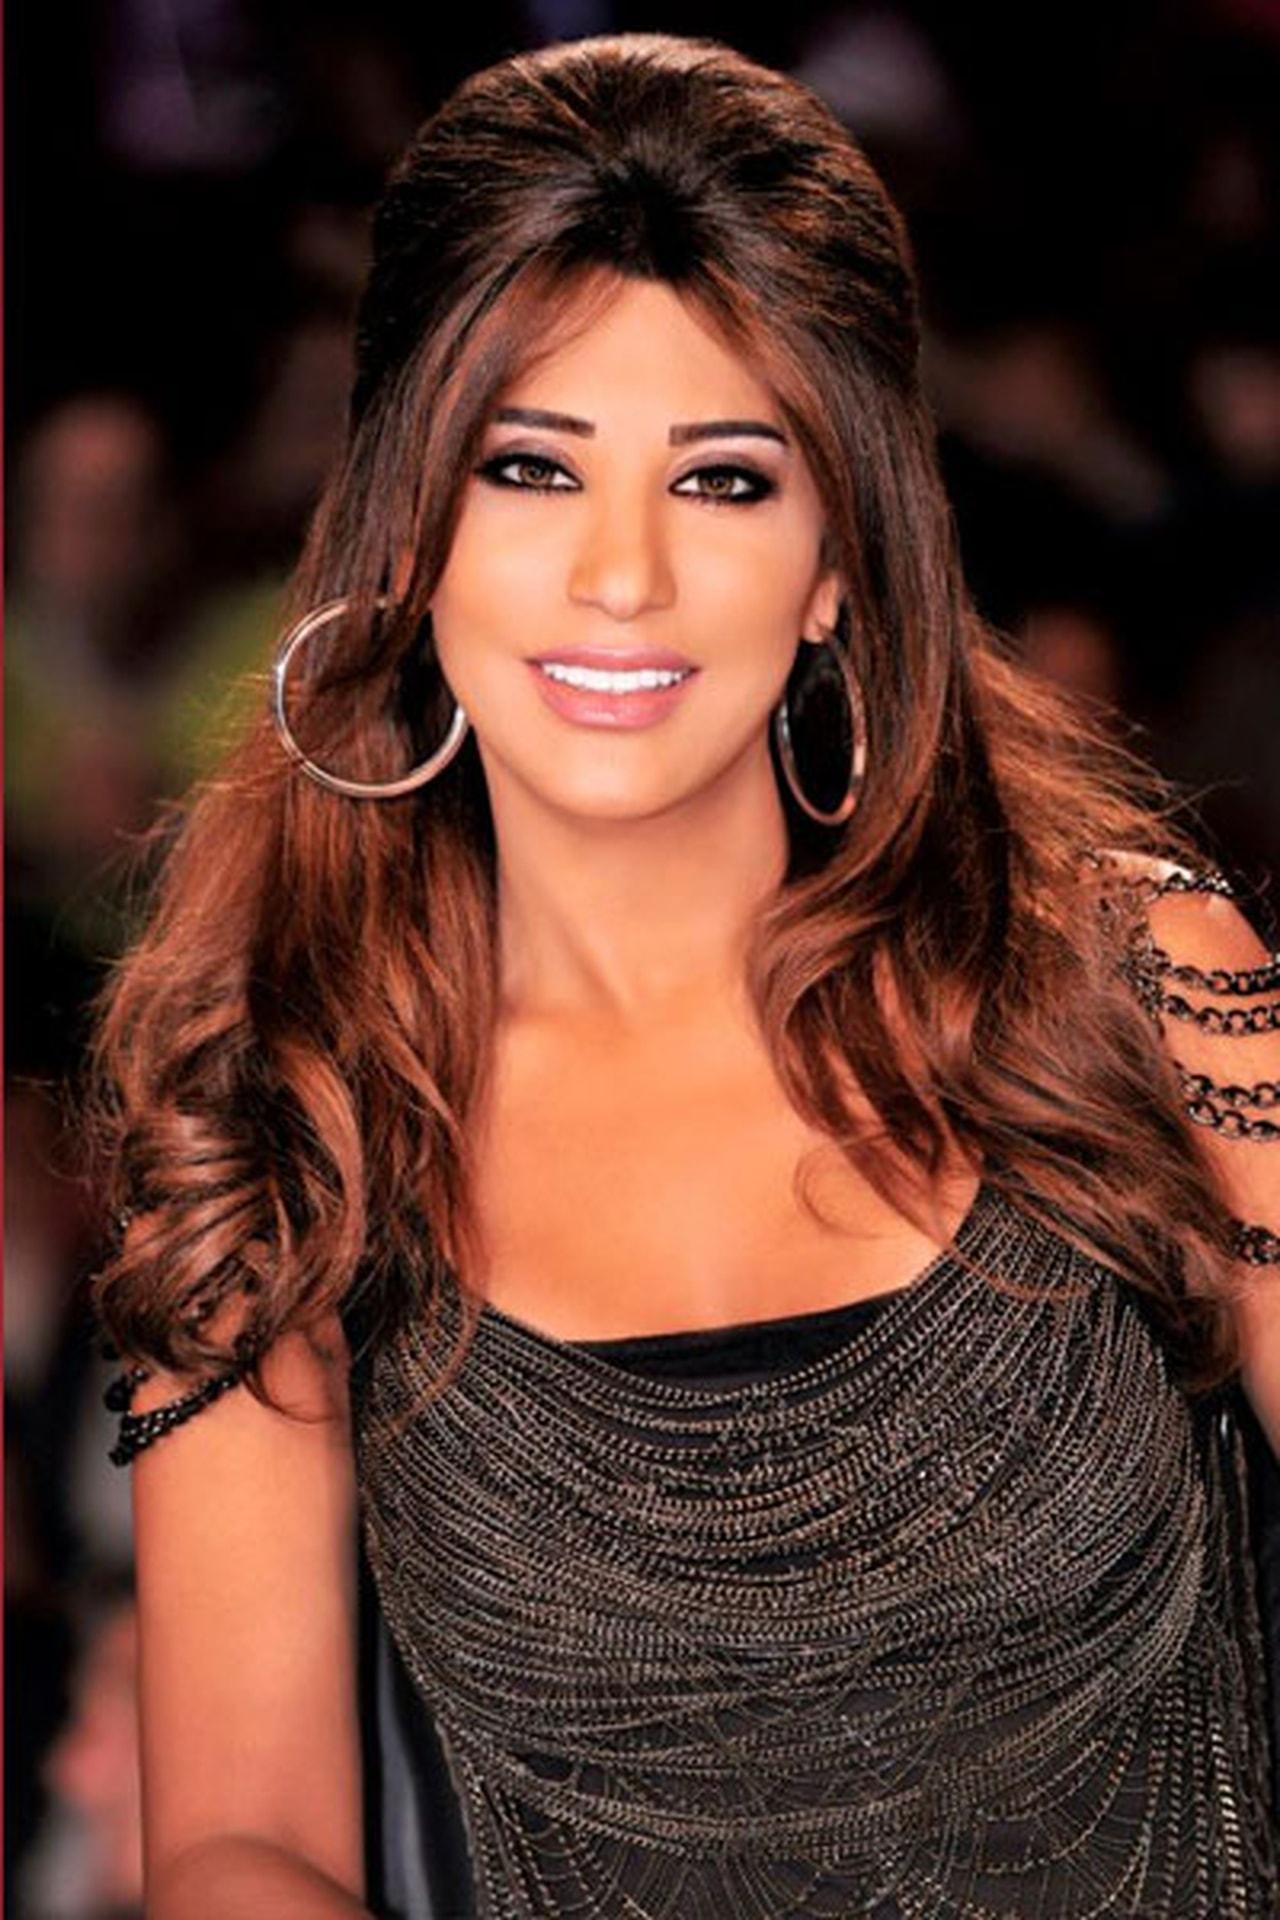 صورة صور فنانات العرب , فنانات دائما على سنجة عشرة